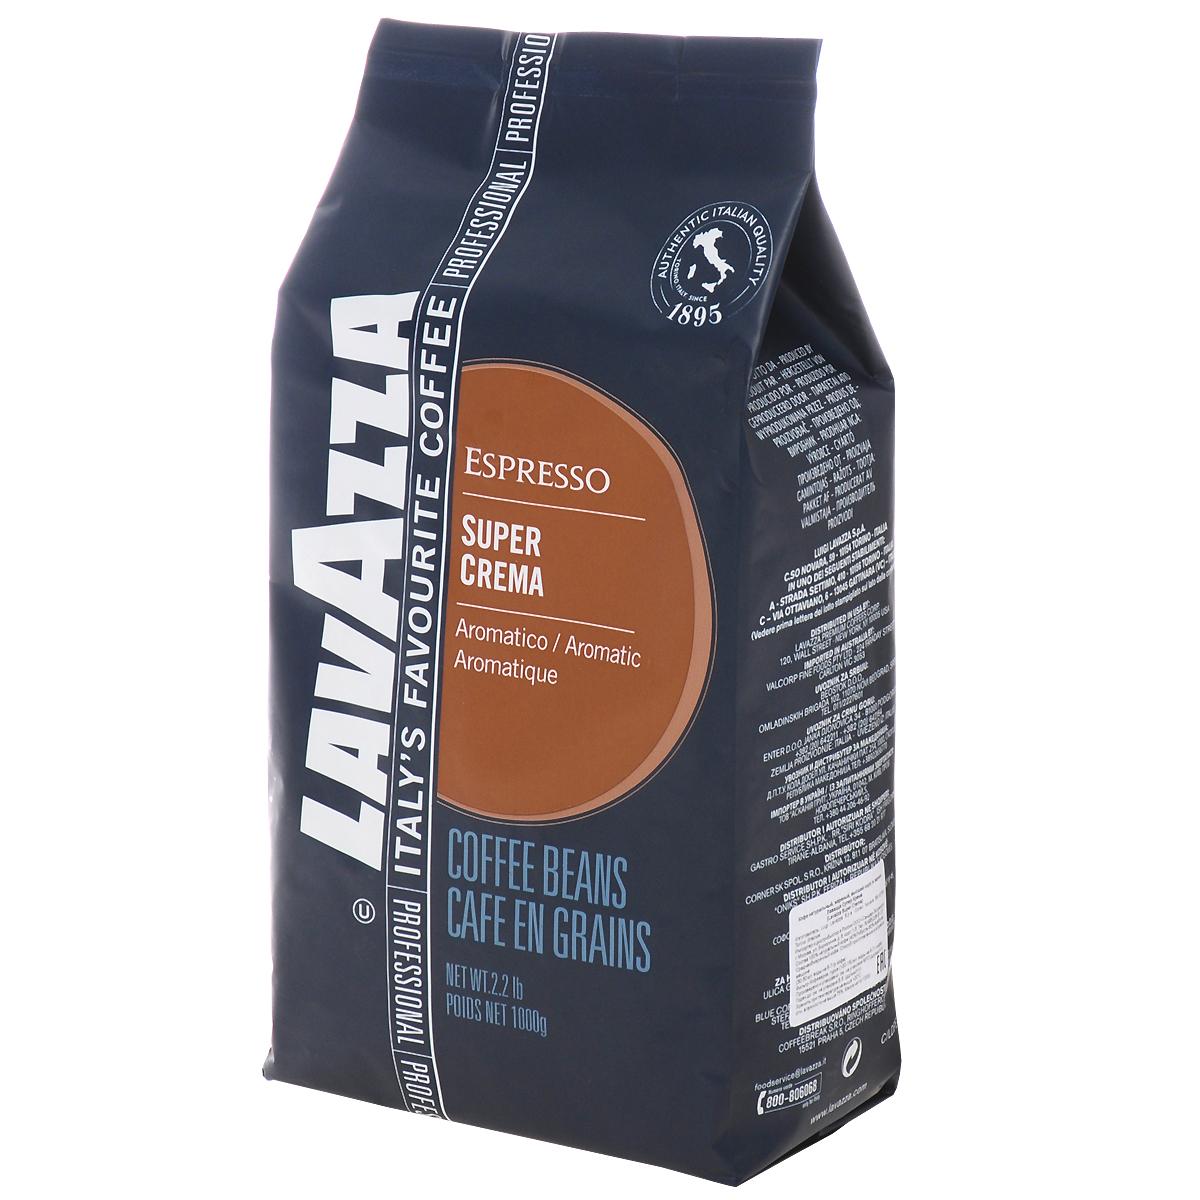 Lavazza Super Crema кофе в зернах, 1 кг8000070042025_новый дизайнБленд кофе Lavazza Super Crema с бархатистой пенкой и стойким ароматом меда и миндаля для легкого и сливочного кофе эспрессо.